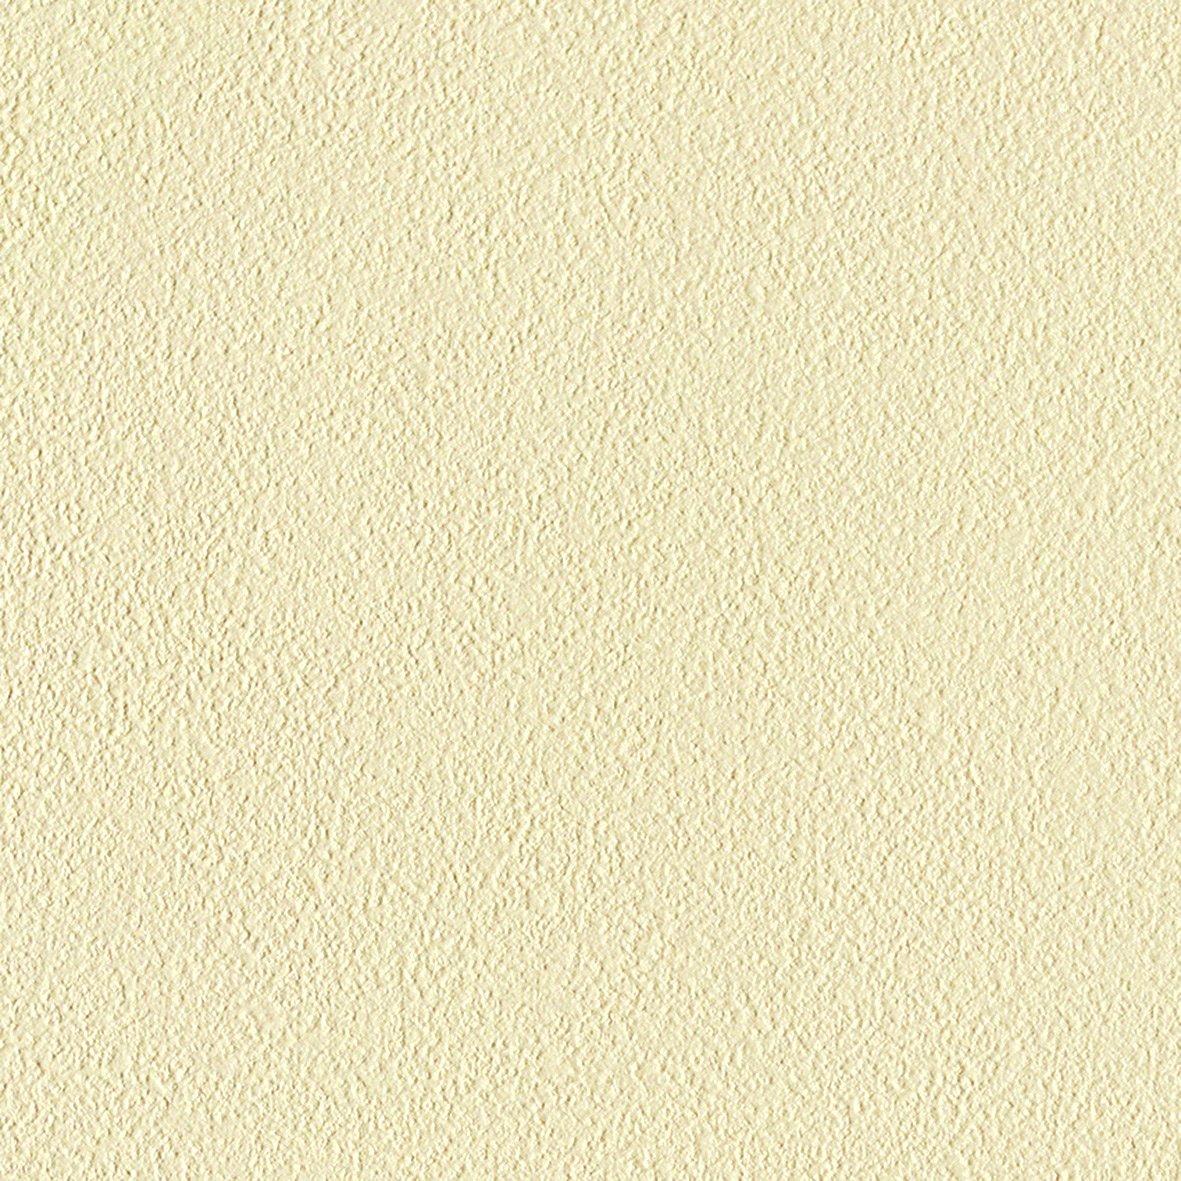 壁紙クロス 33m リリカラ フェミニン 石目調 イエロー カラーバリエーション LV-6172 B01IHSCM8E 33m|イエロー